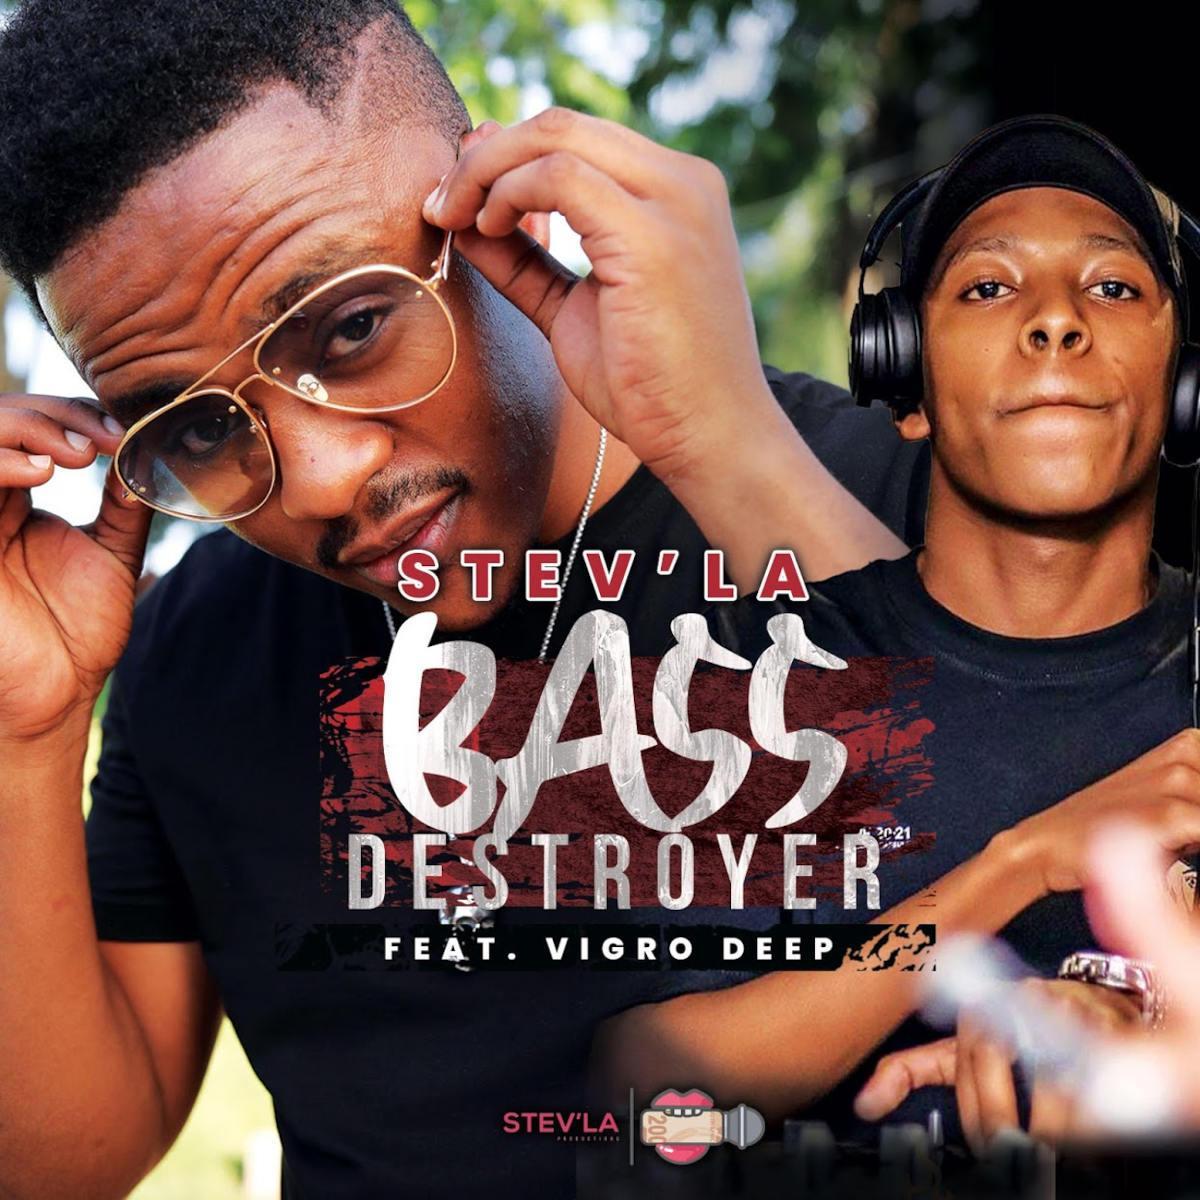 Stev'la - Bass Destroyer (ft. Vigro Deep)